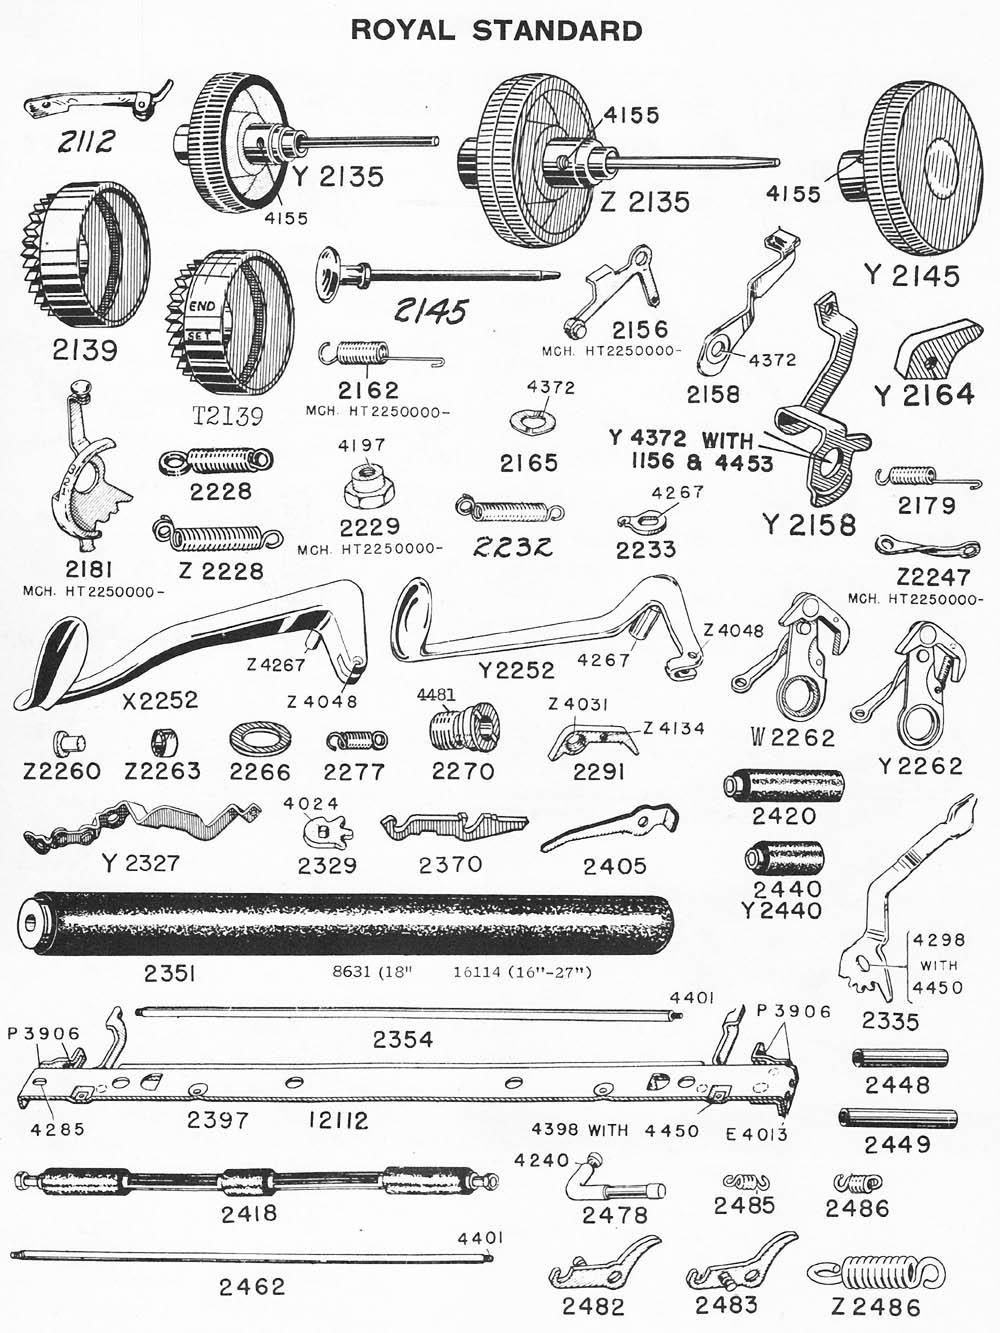 typewriter parts  royal standard  u0026 electric